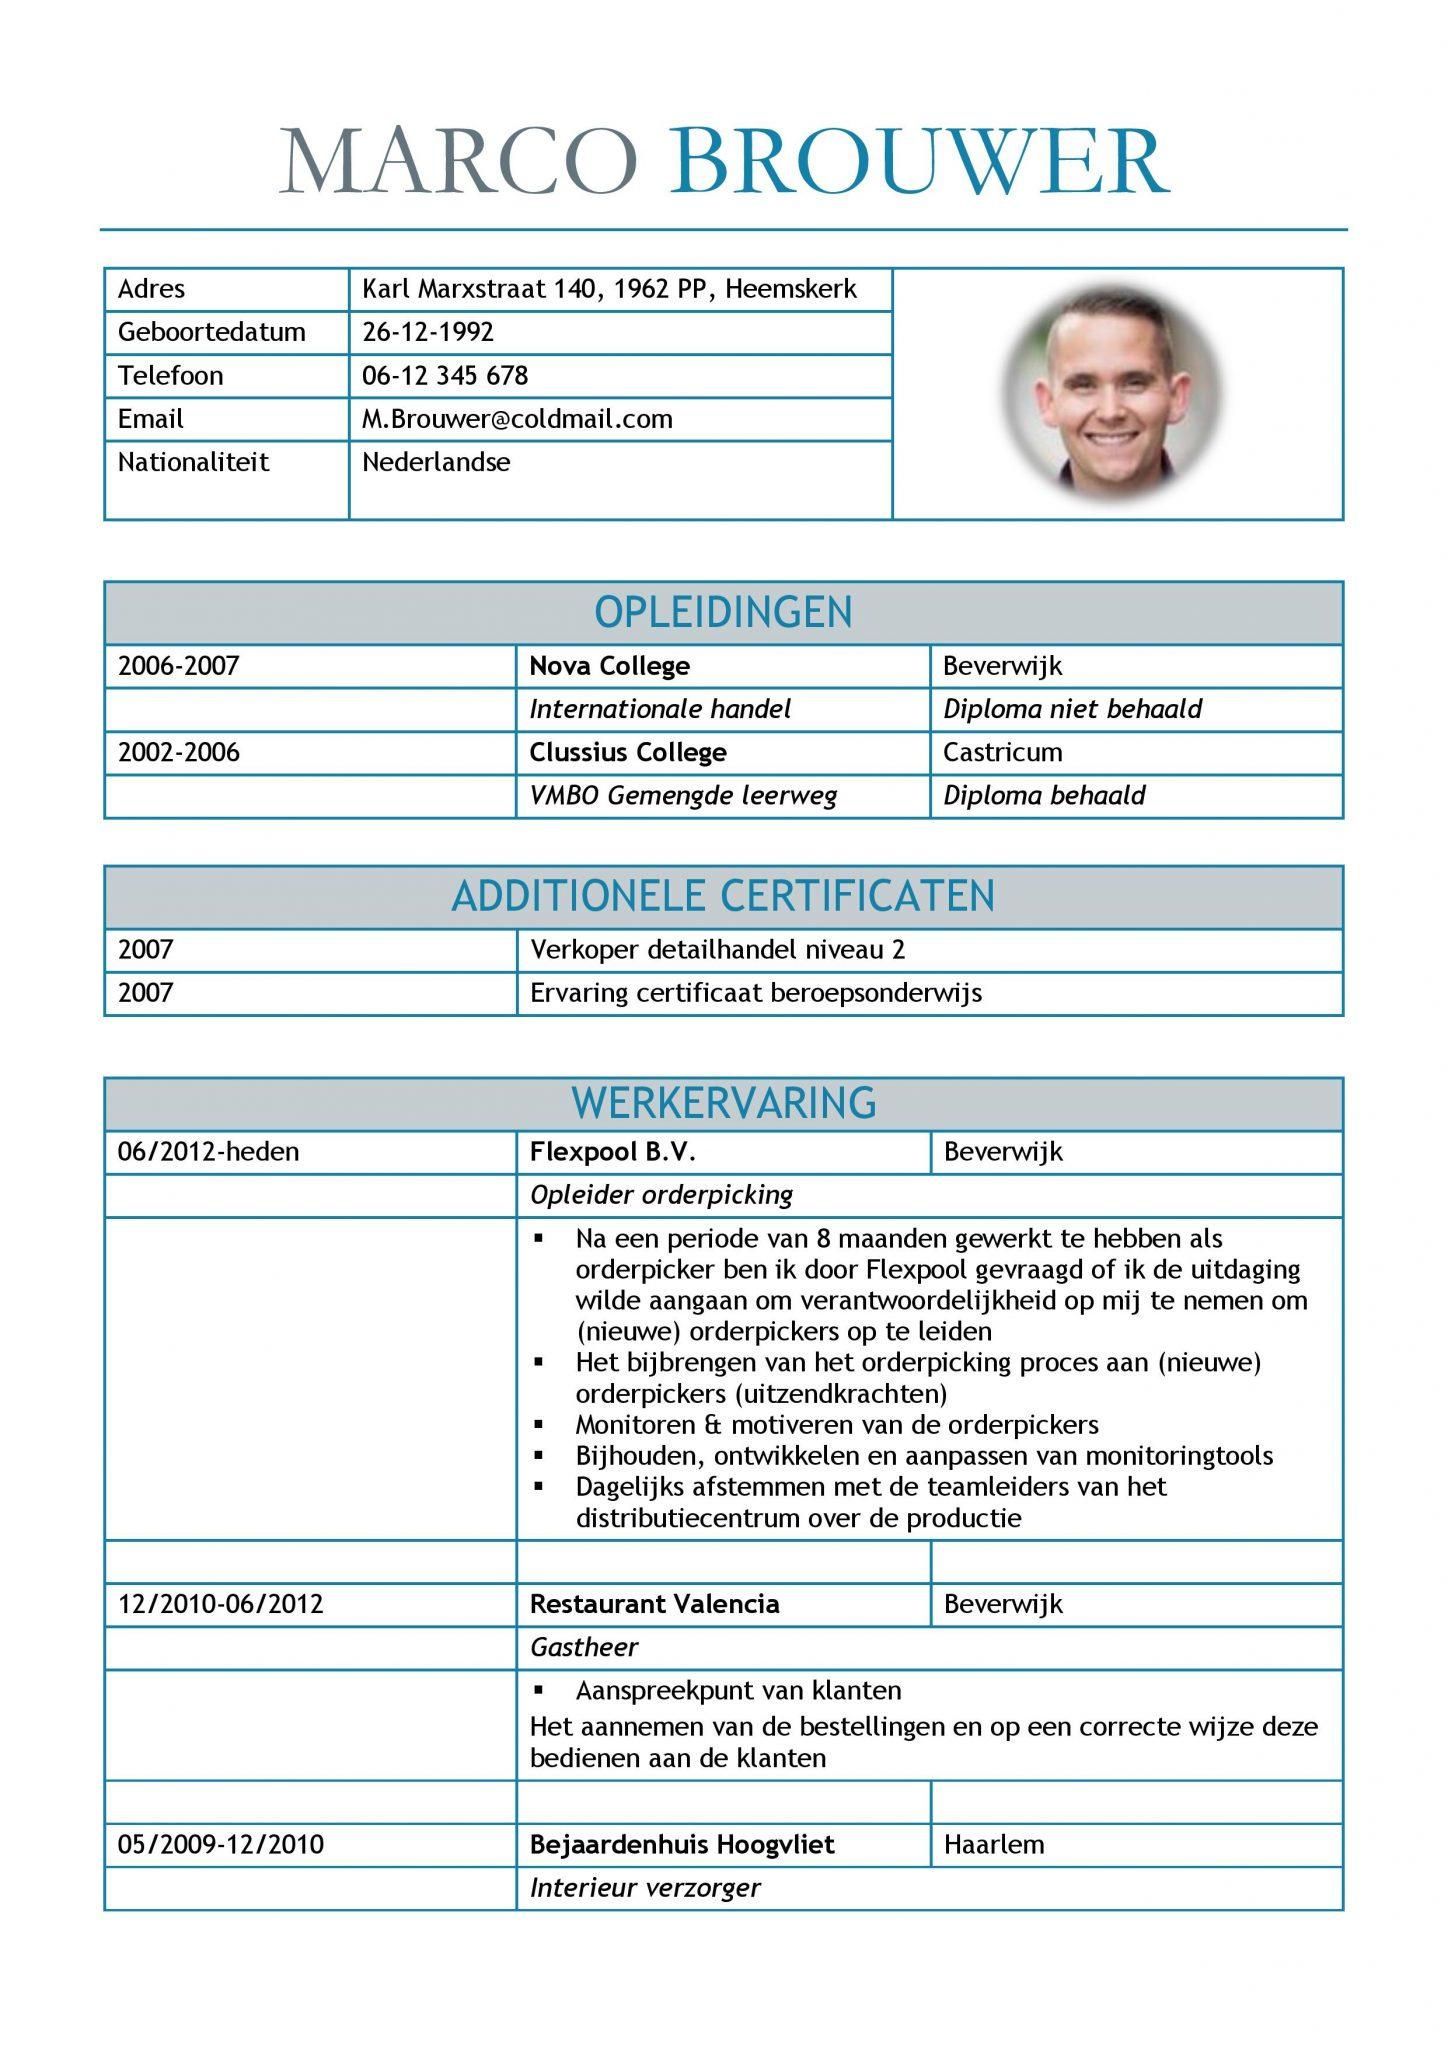 CV Voorbeeld Leicester (Blue Dolphin) 1/2   Sollicitatiebijbel.nl